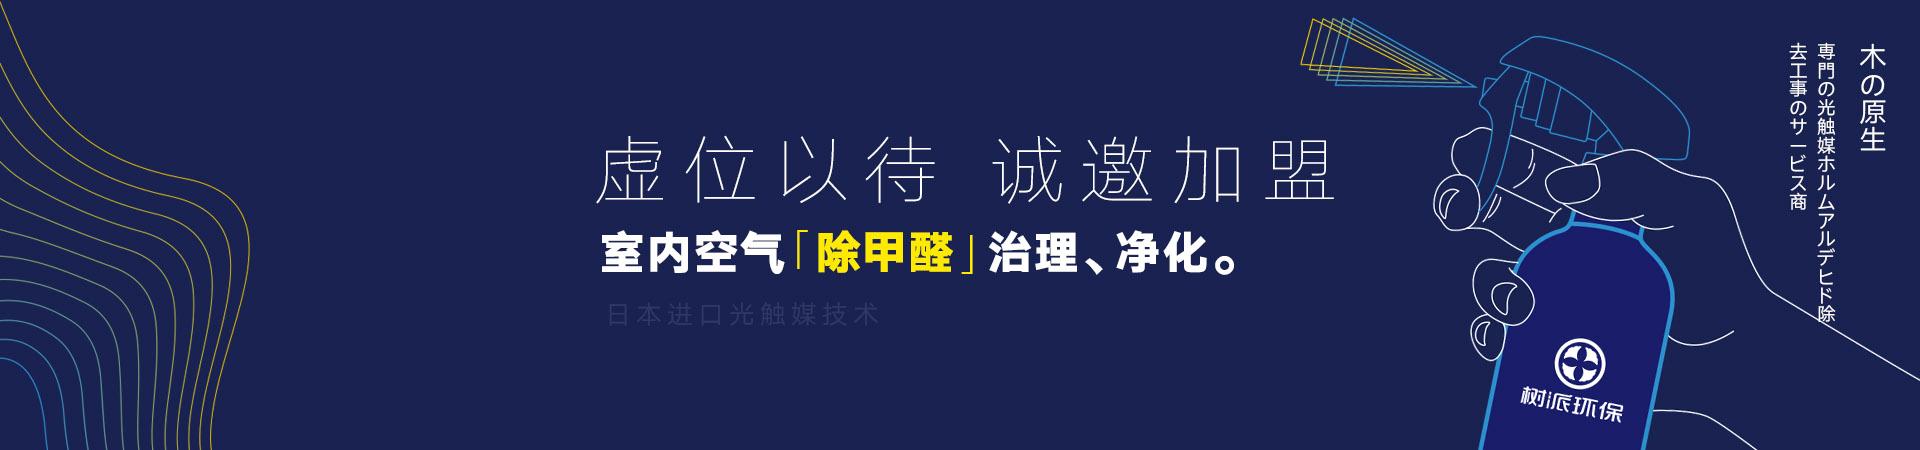 杭州树派环保科技有限公司pc顶部幻灯